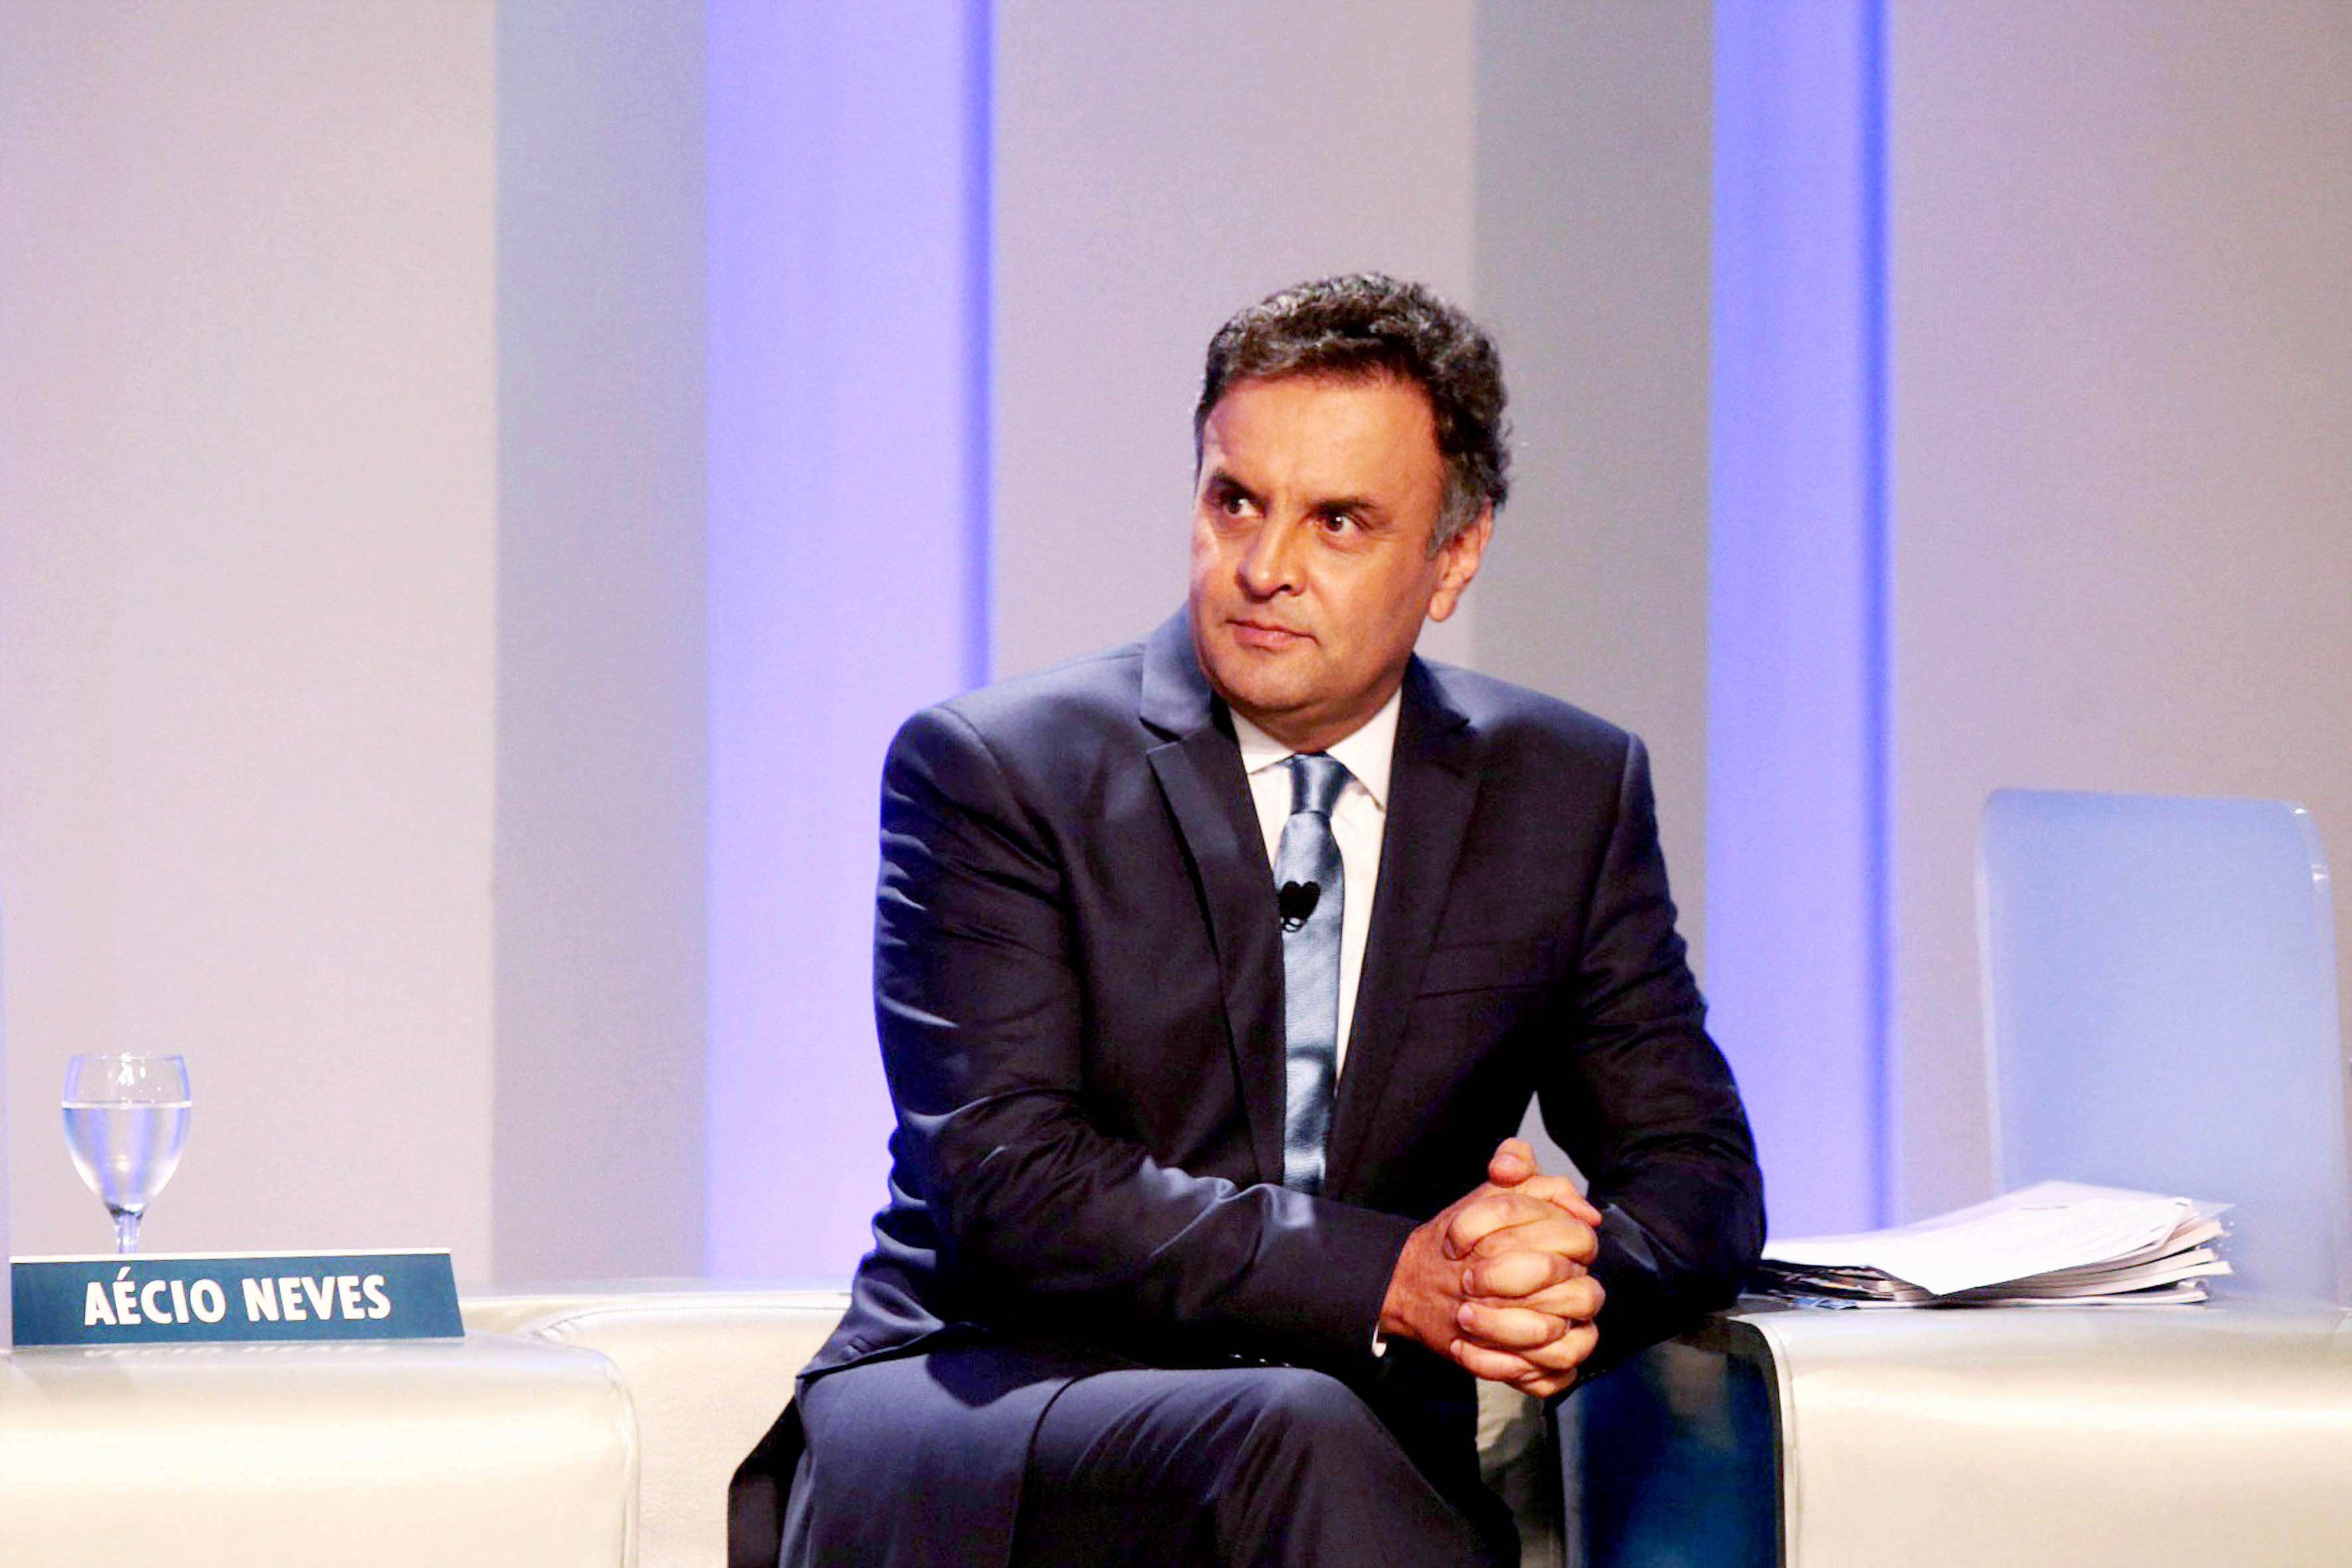 Aécio Neves durante debate no primeiro turno Foto: Orlando Brito/Fotos Públicas/Divulgação